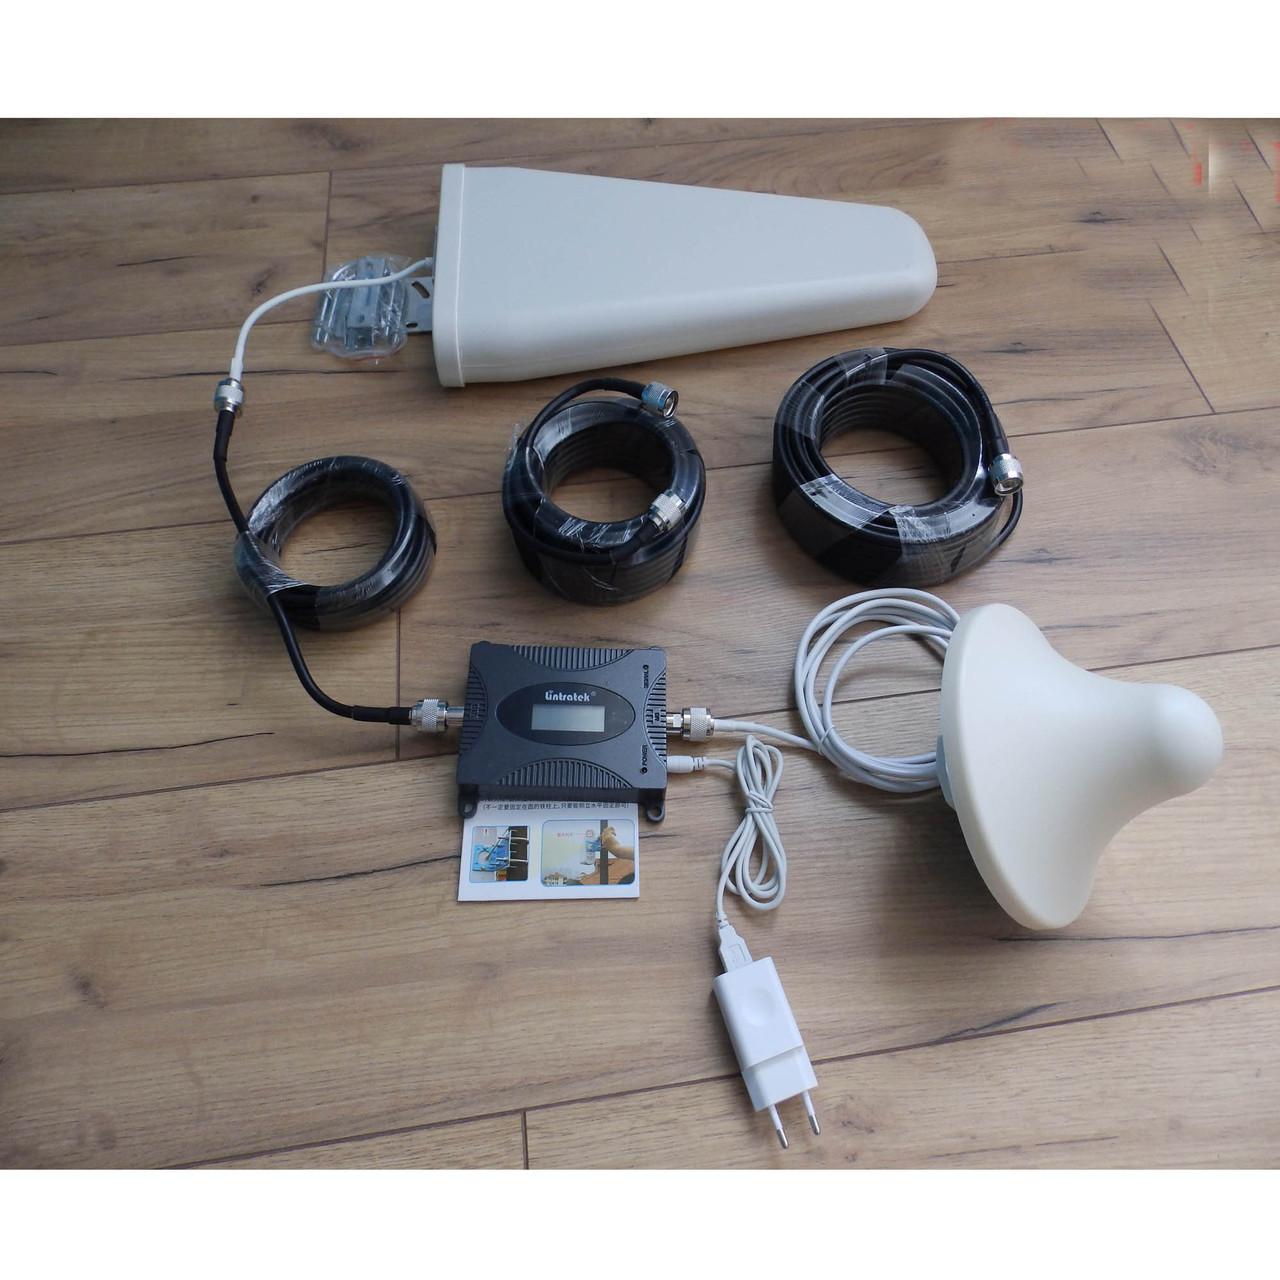 Оригинал Гарантия 12 мес. Усилитель сотовой мобильной связи 900Mhz  репитер Lintratek KW16L-GSM